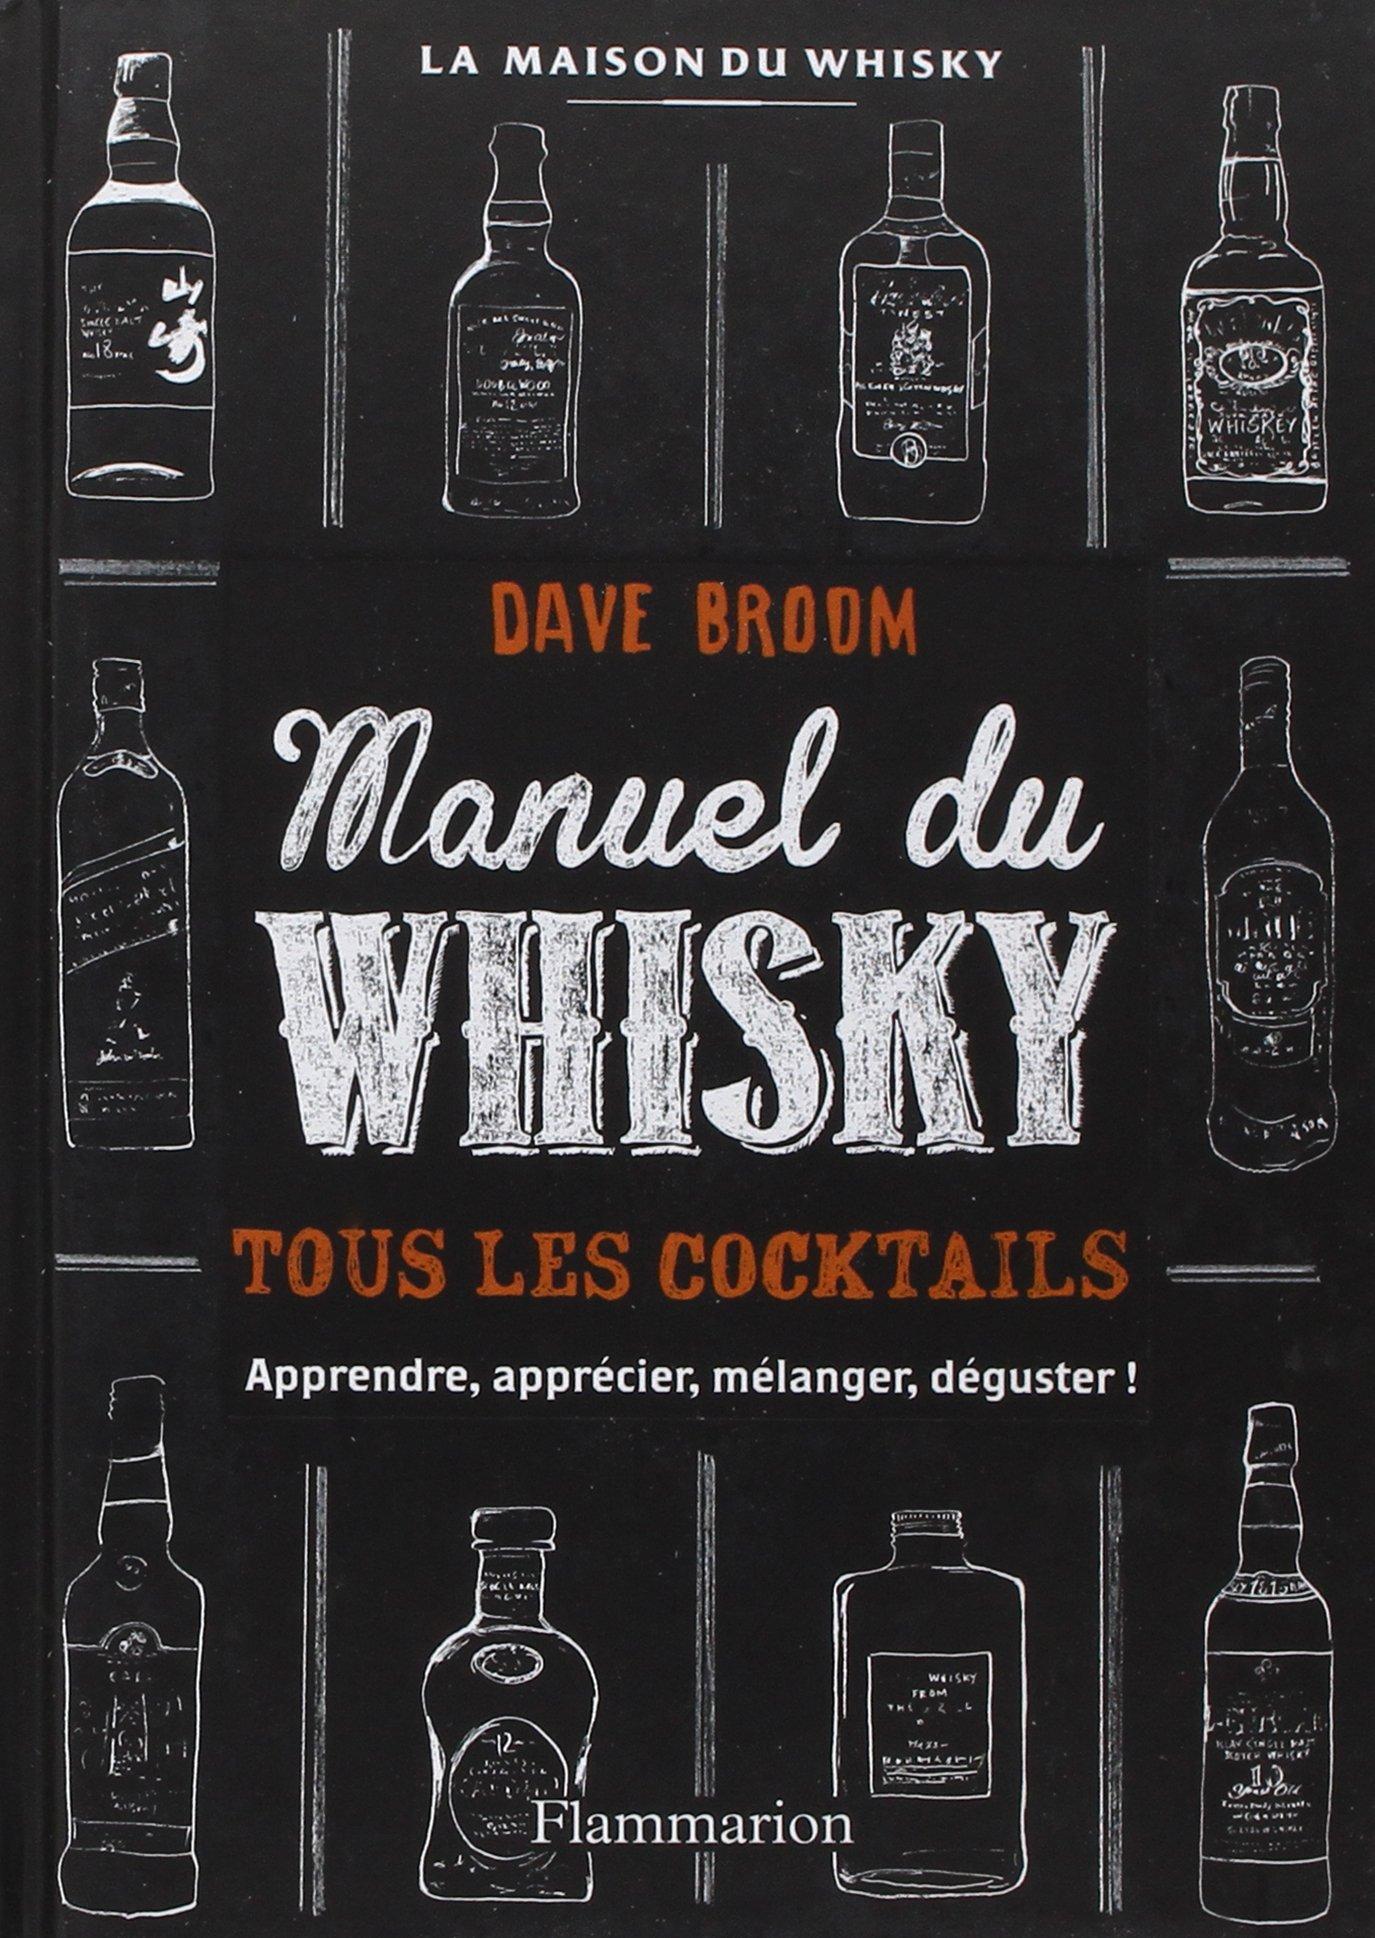 Manuel du whisky : Toutes les bouteilles, tous les cocktails Relié – 24 septembre 2014 Dave Broom Collectif Christian Diebold FLAMMARION